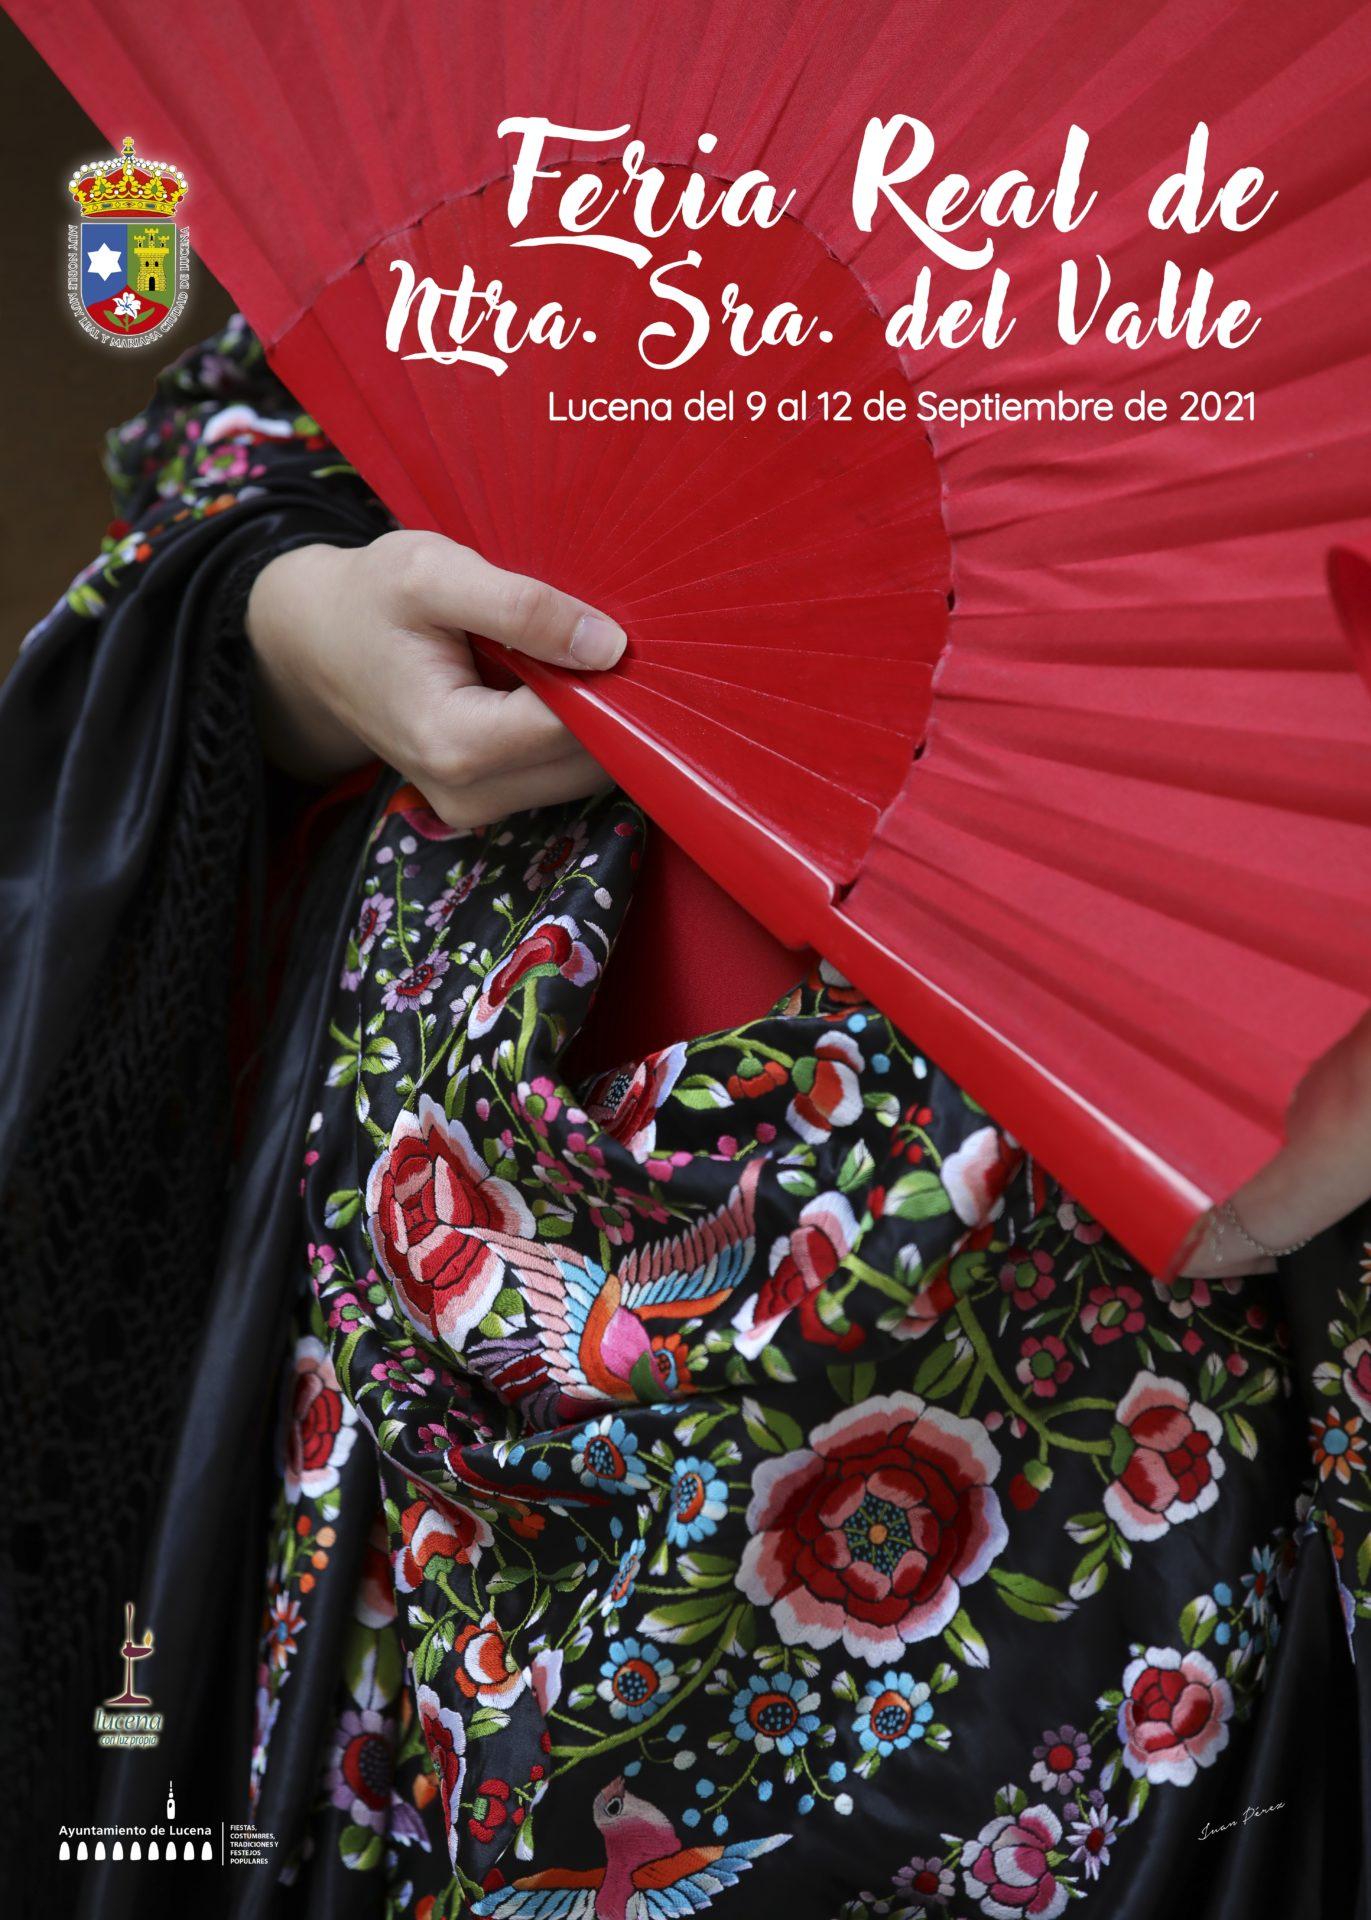 Cartel de Juan Pérez que anunciará la Feria del Valle 2021.